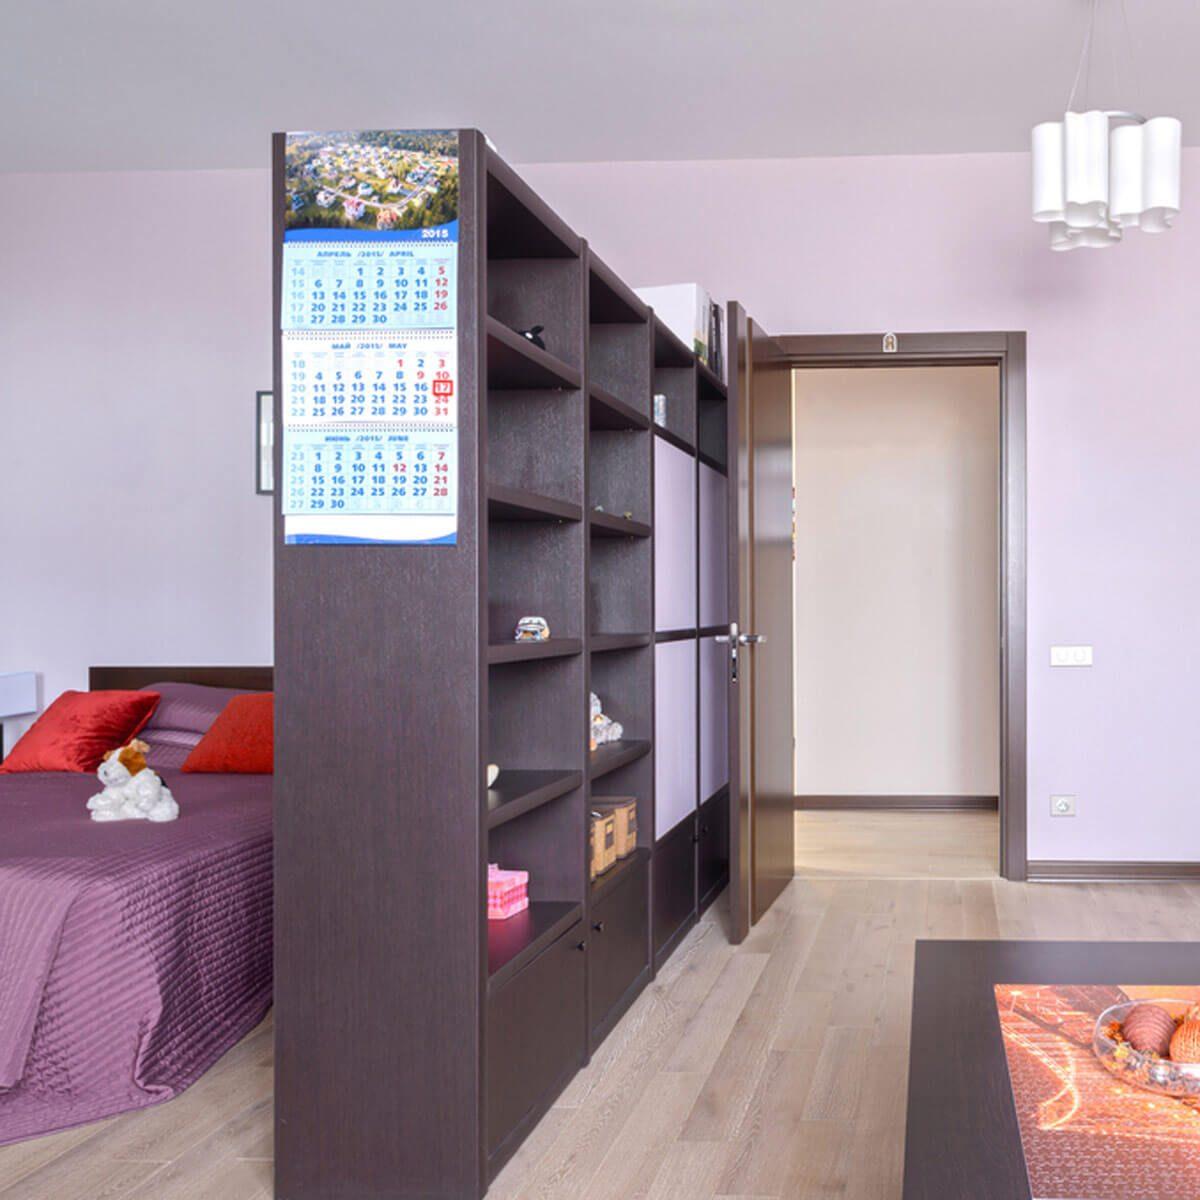 Merveilleux Bedroom Bookcase Divider